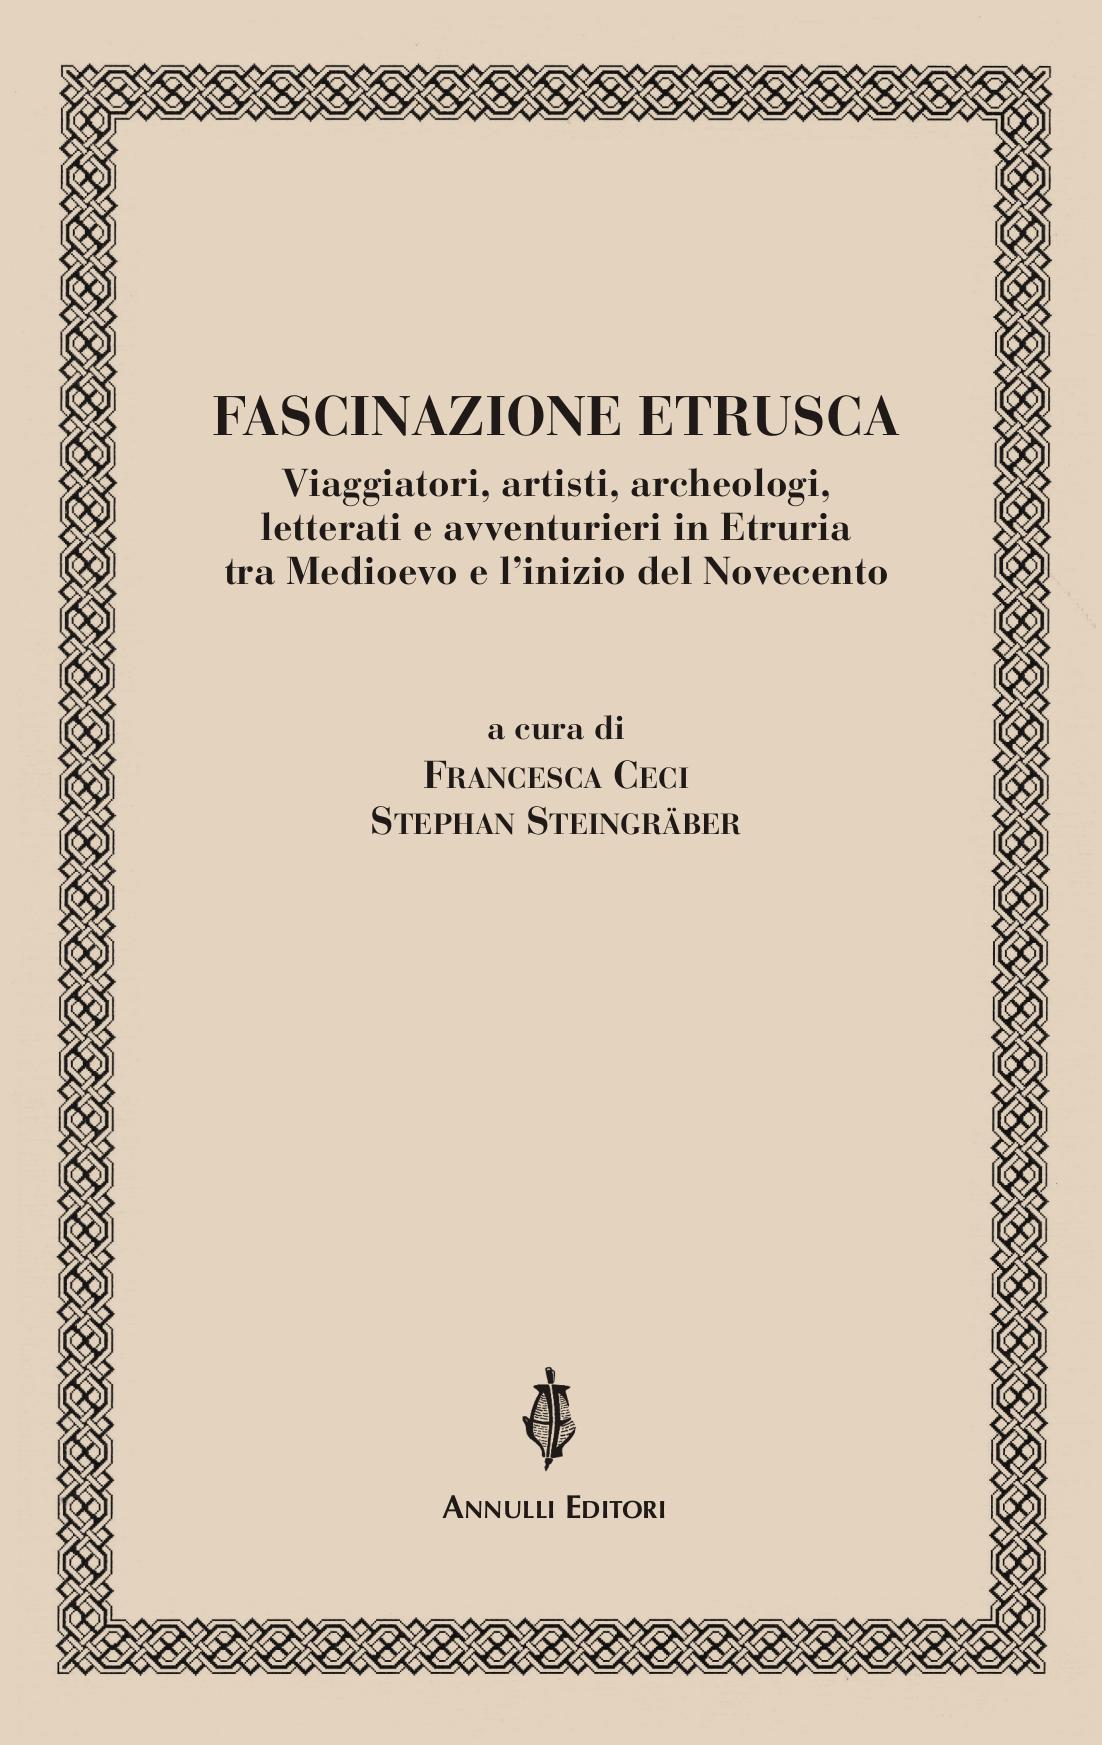 Copertina_Fascinazione-etrusca